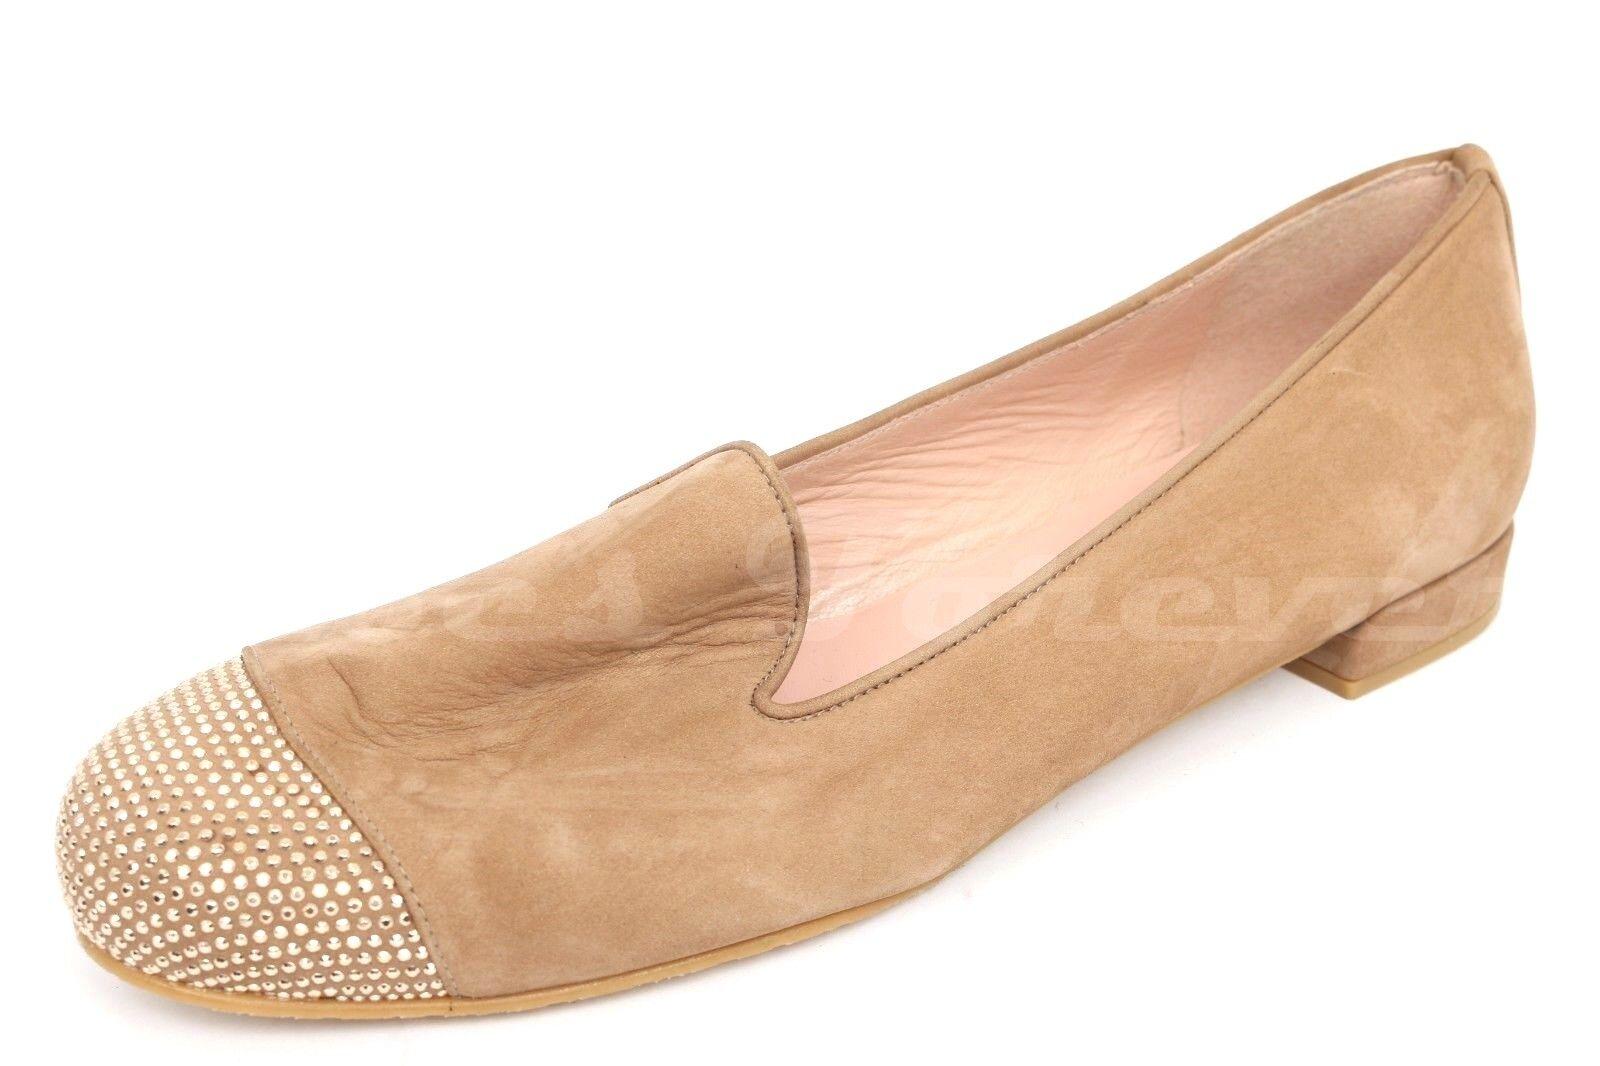 Stuart Weitzman Castaño de Puntera ante para mujer Puntera de zapatos talla 8  nuevo 6bb73d